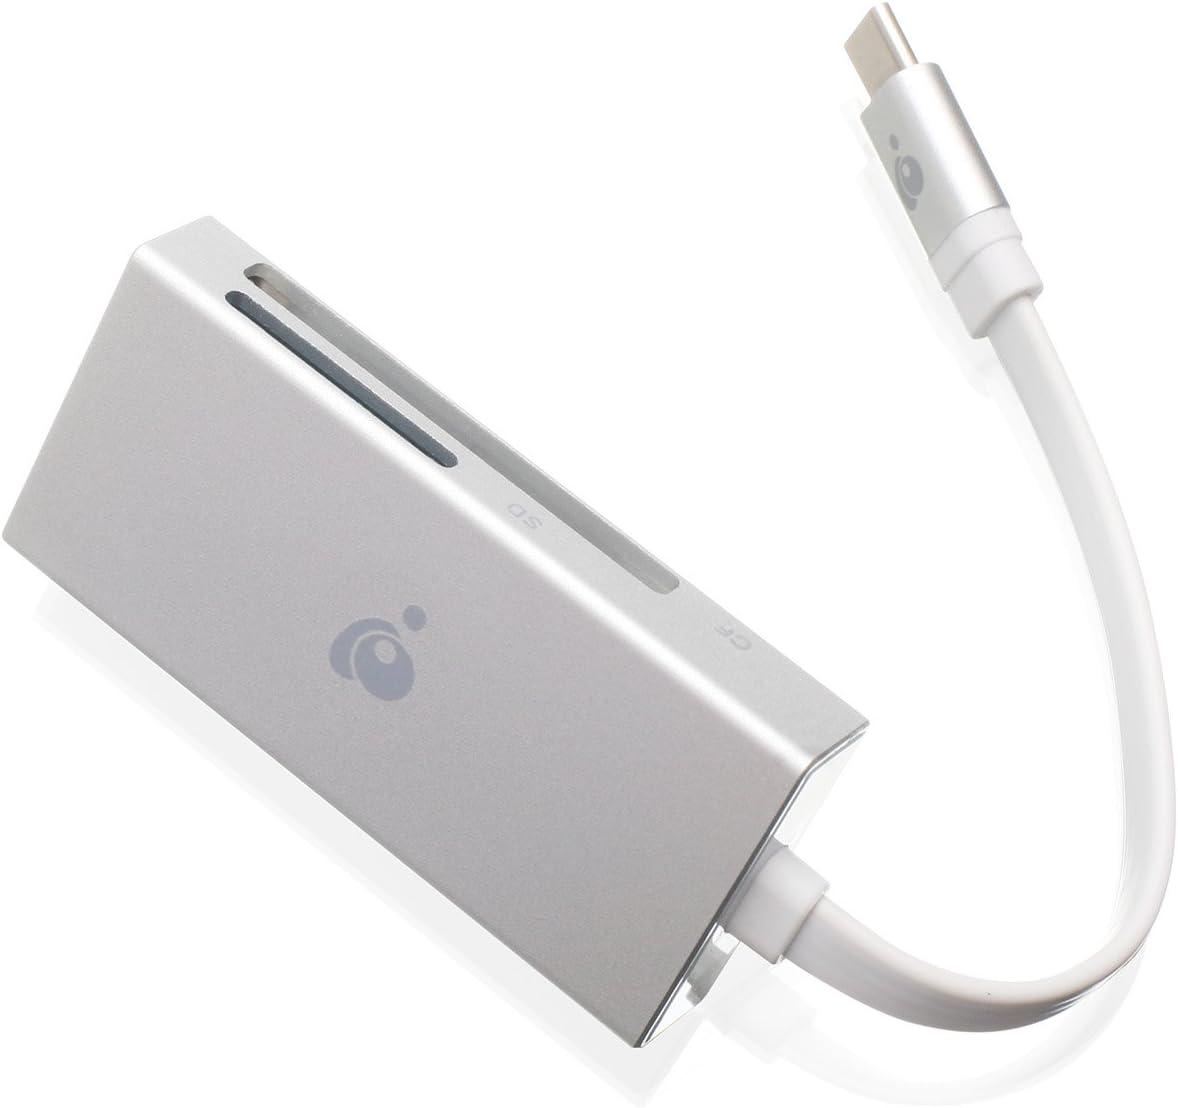 iogear Gfr3C153en 1USB-C Quantum lecteur/graveur de carte SD, CF, microSD, UHS-II